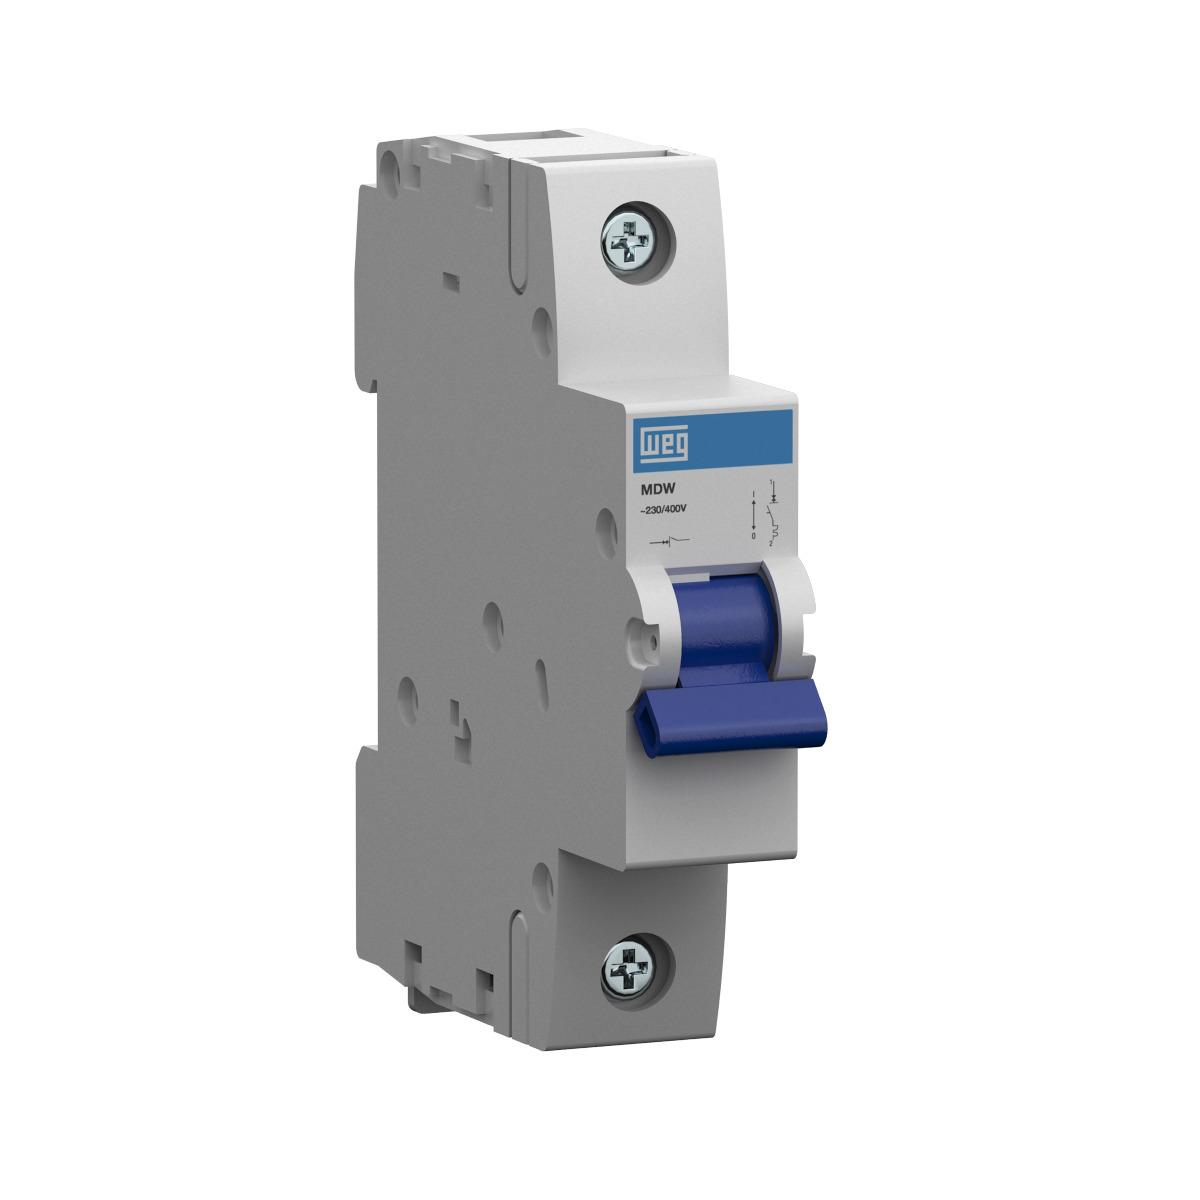 Minidisjuntor Termomagnético Weg Mdw-C20